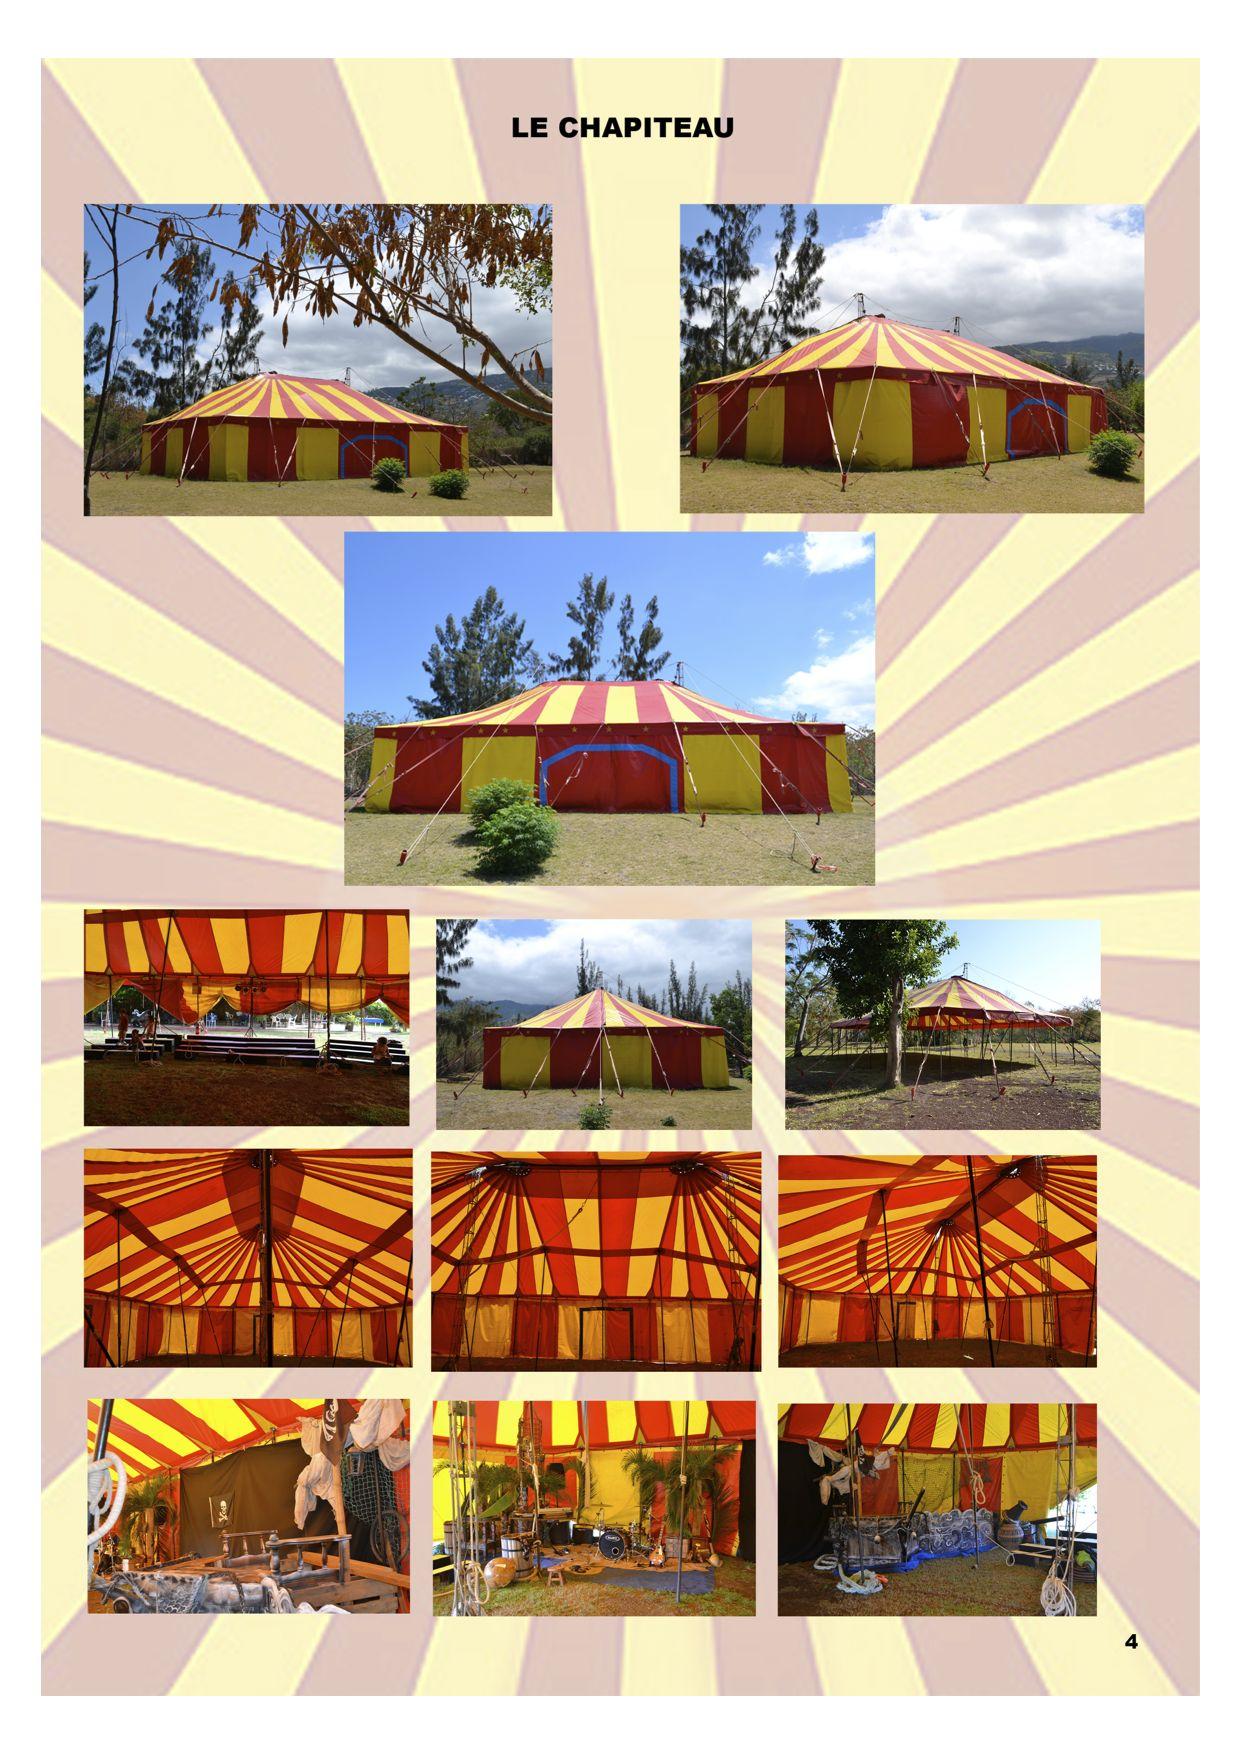 catalogue Circus Nout Pei 2015-2016 page 5 (photos).jpg